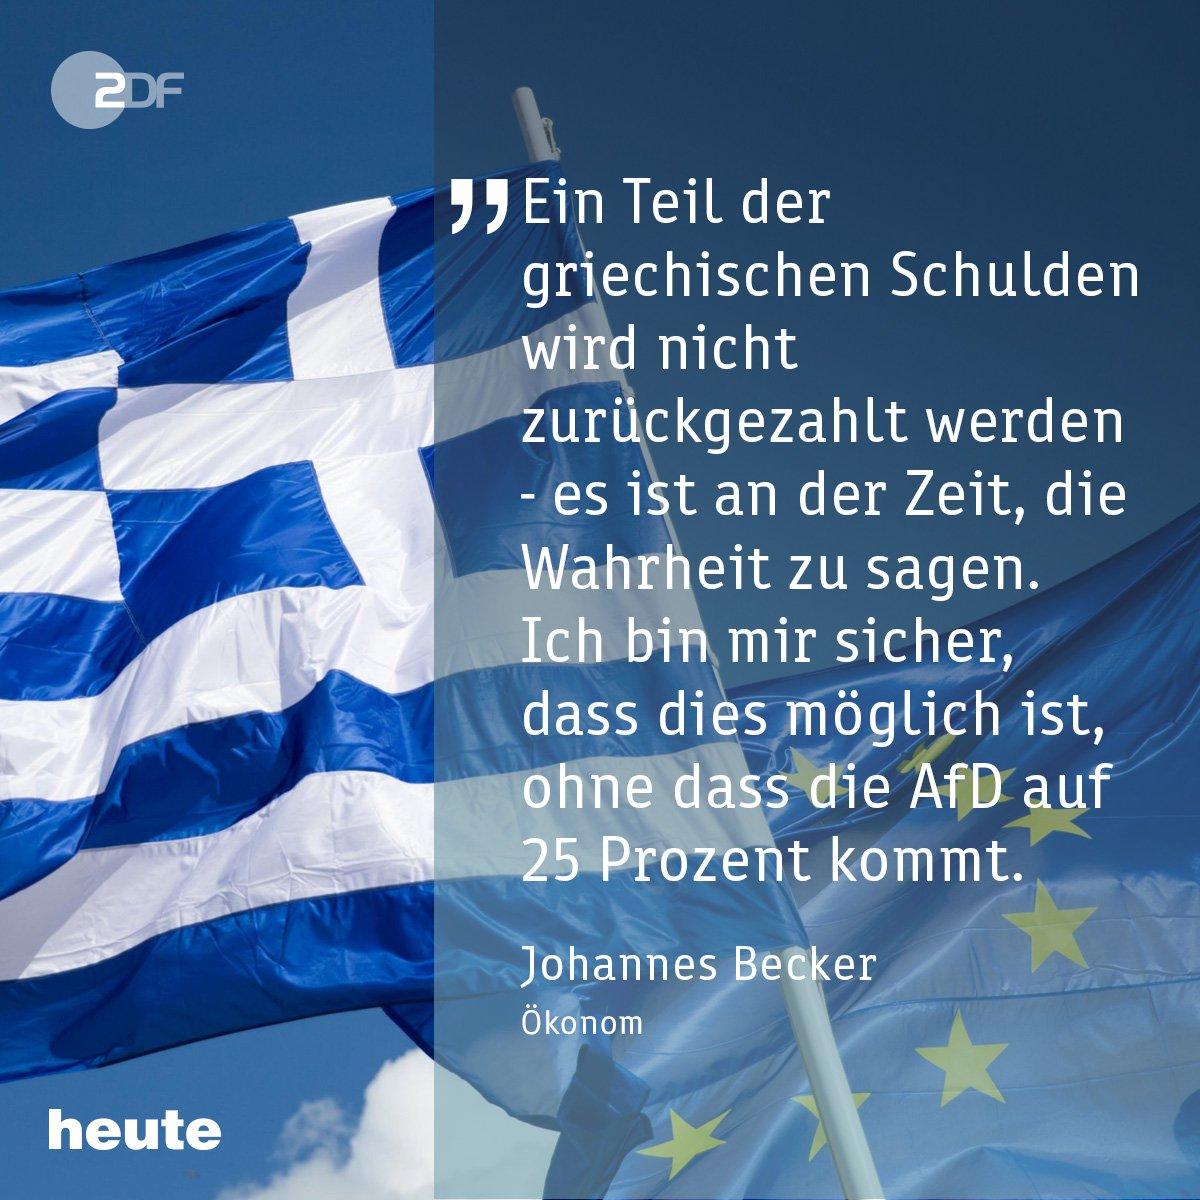 Heute geht's in Brüssel um #Griechenland: Ökonom @YohannesBecker wirft Athen vor, sich Reformen zu verweigern. https://t.co/giWrsNd1rq